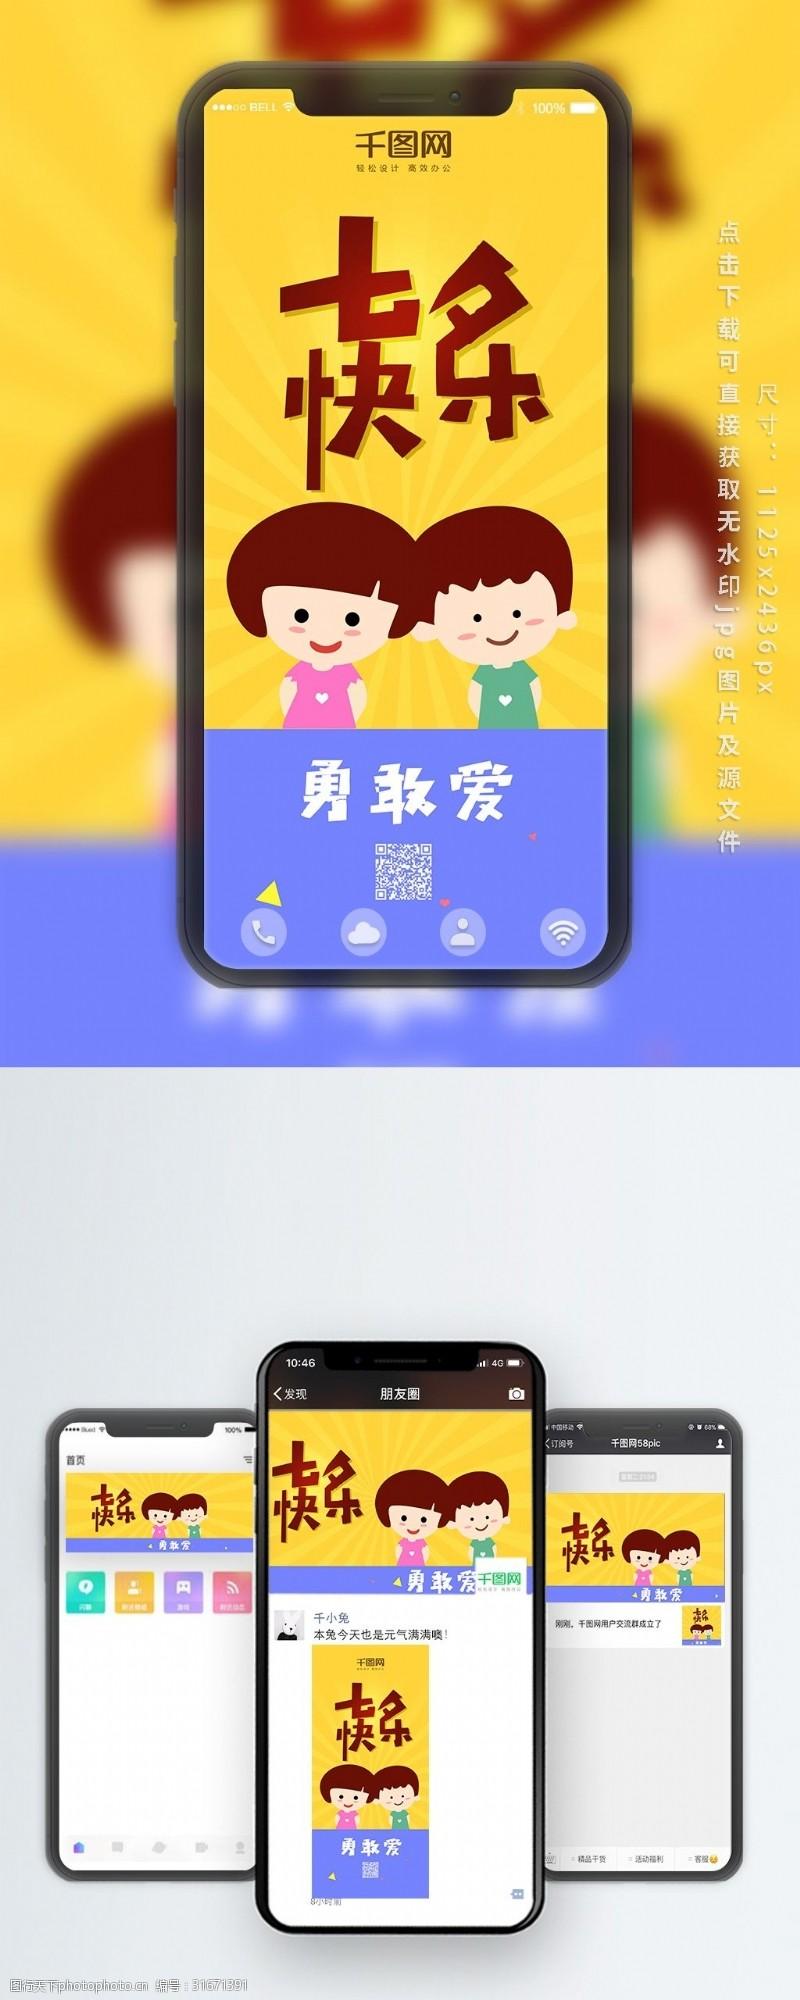 七夕快樂情人節手機海報圖